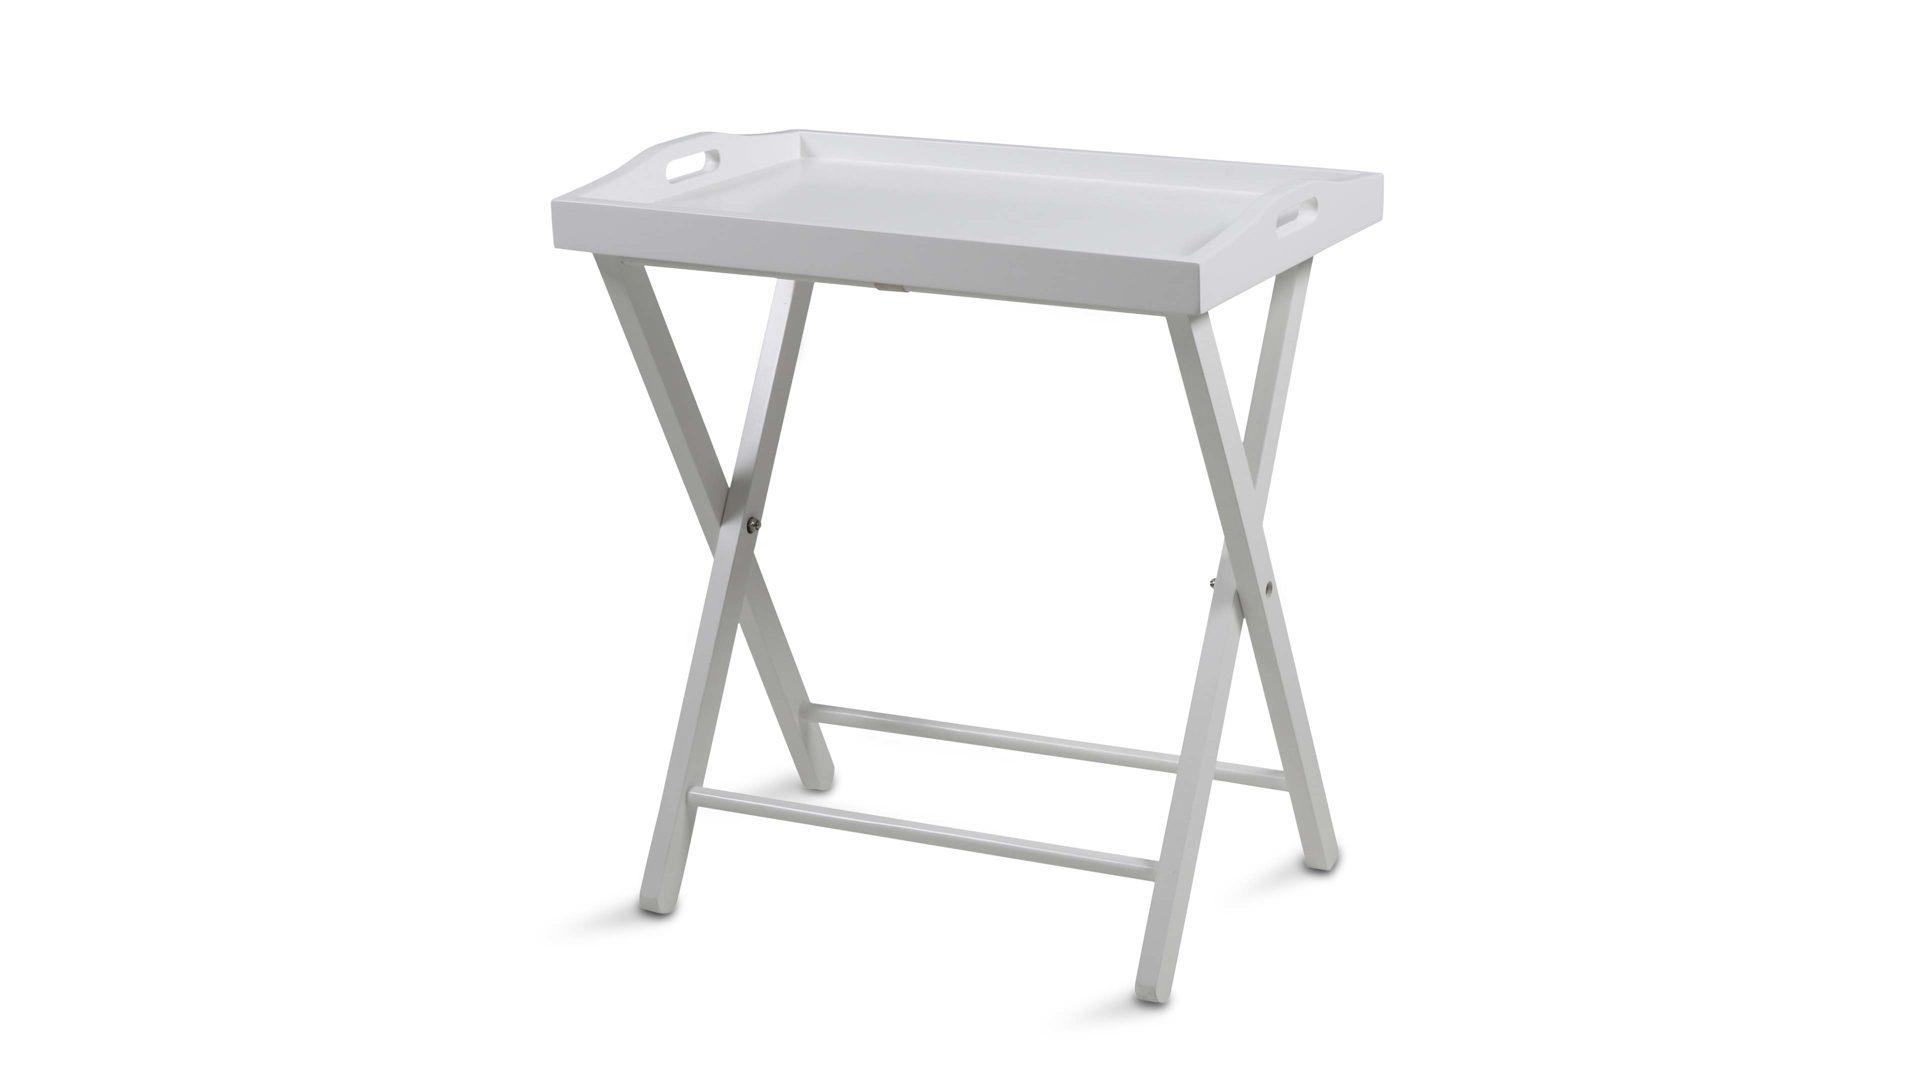 Möbel Bohn Crailsheim, Möbel A Z, Tische, Beistelltische